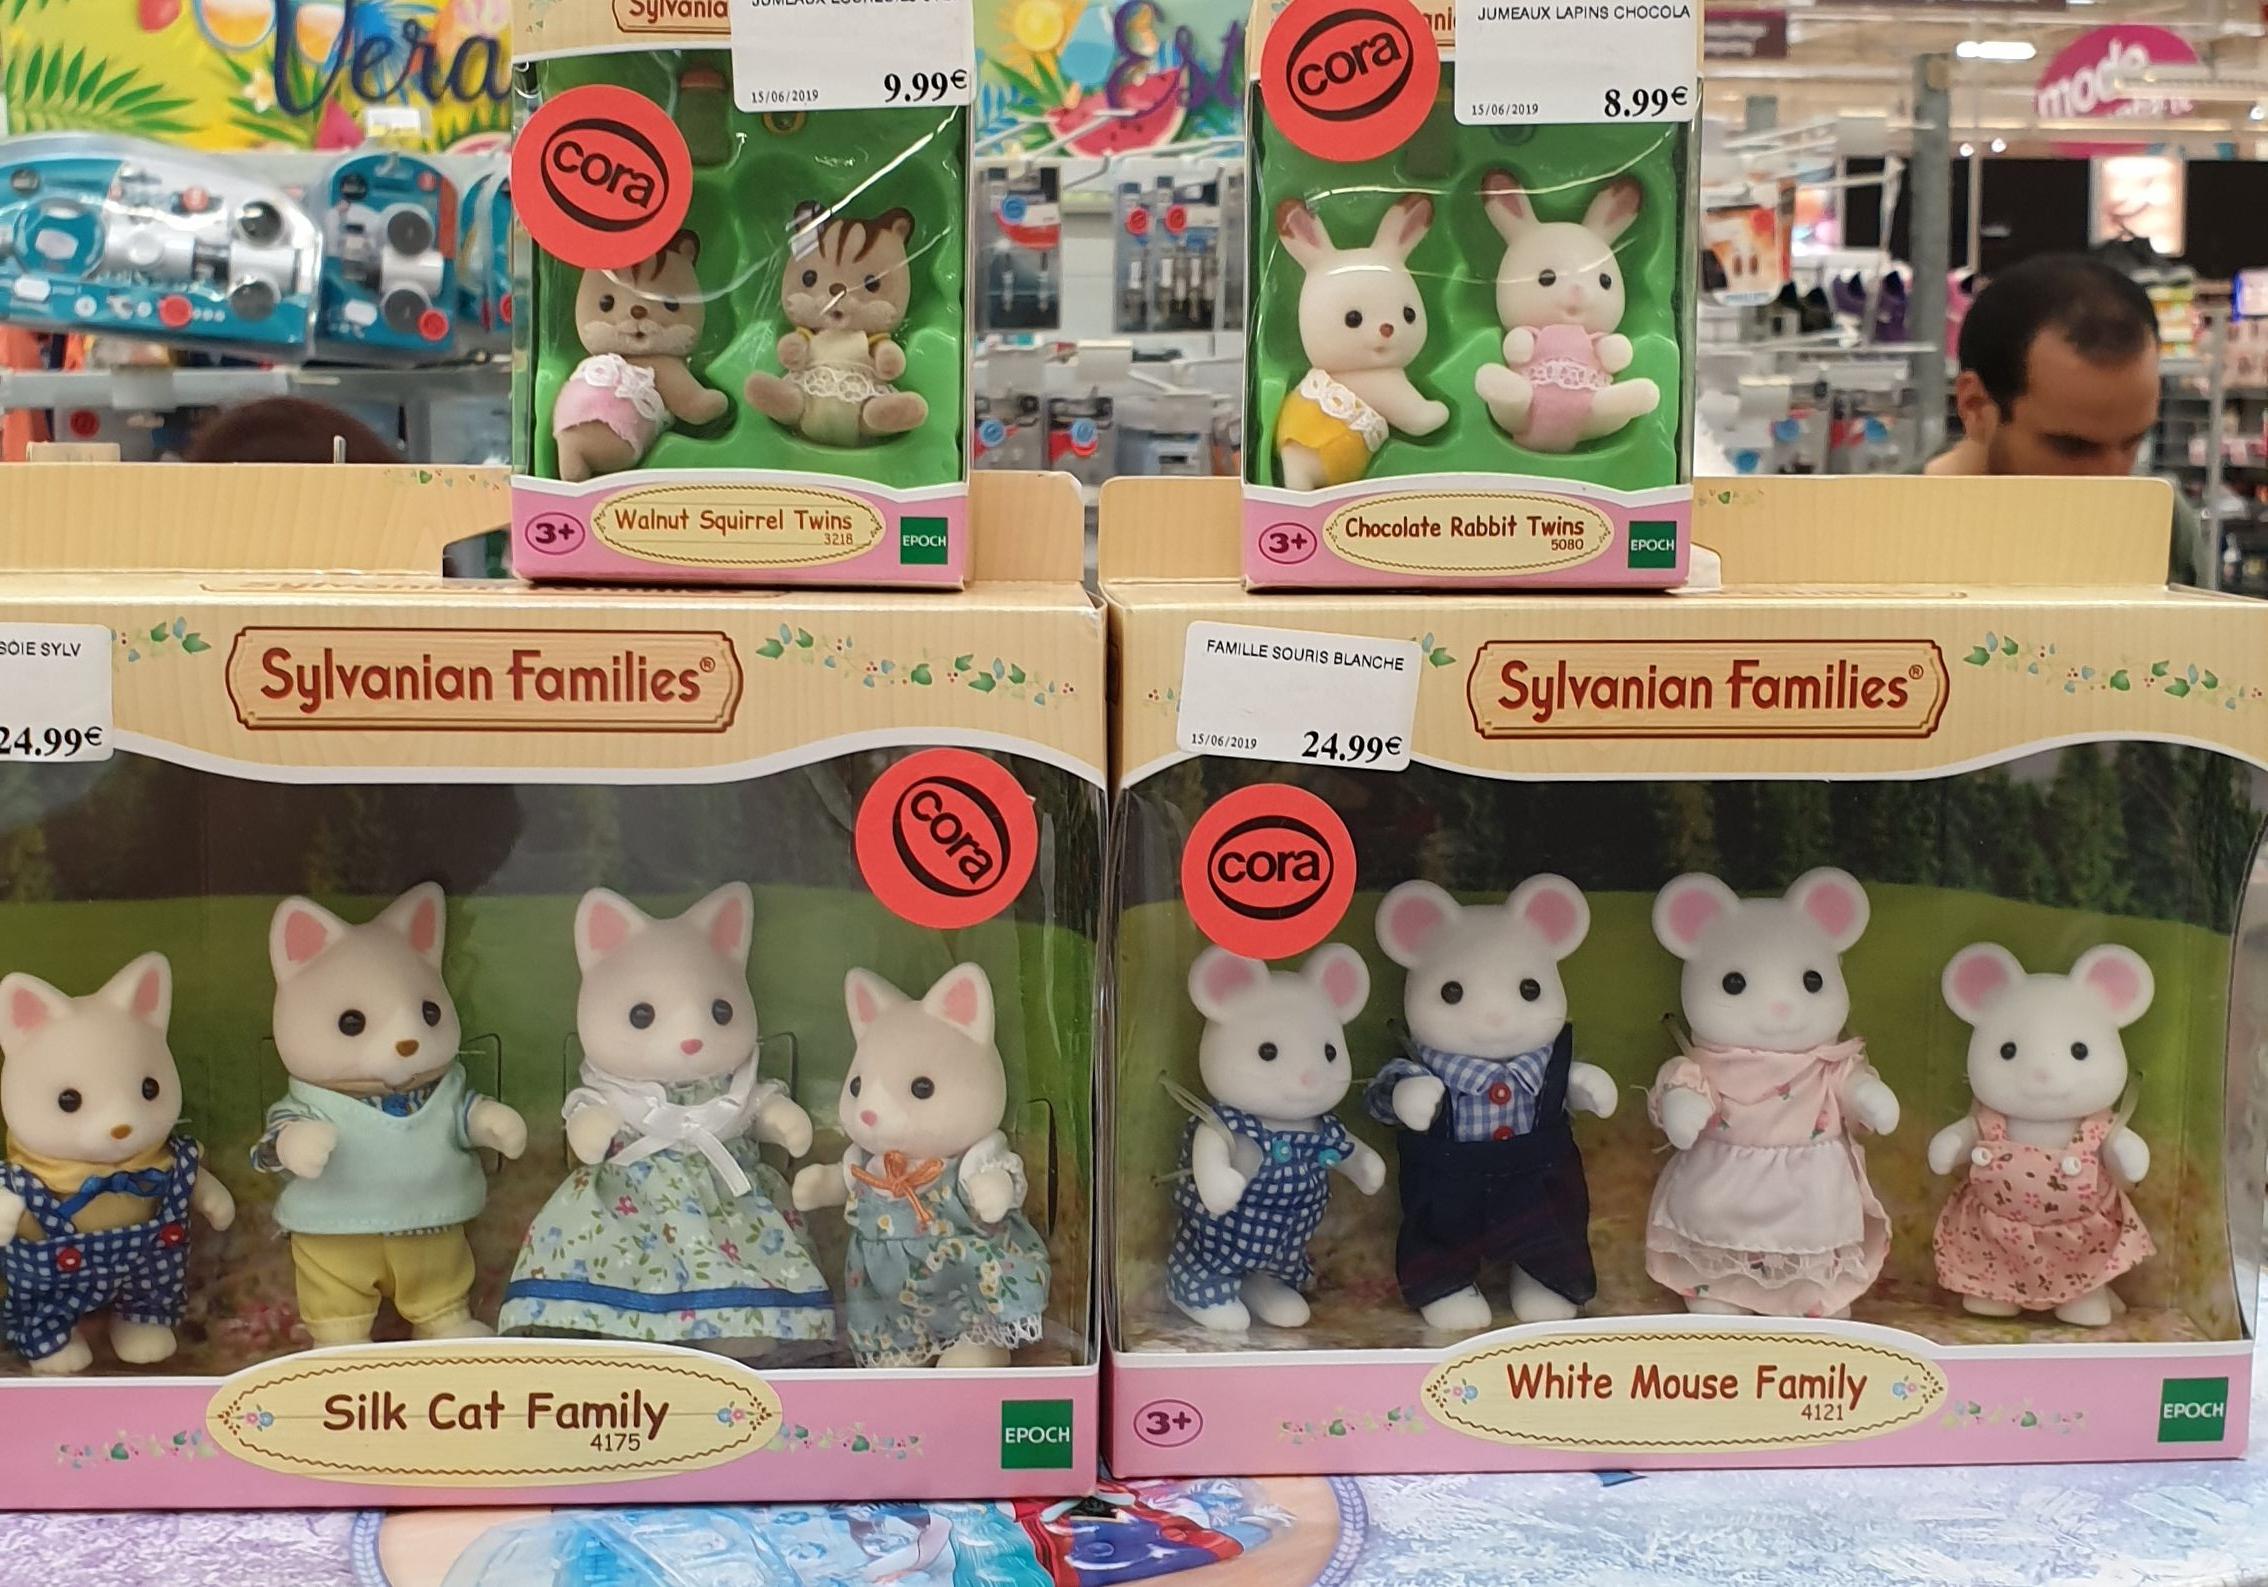 Sélection de jouets Sylvanian families en soldes - Ex : Silk cat Family, Cora bethoncourt (25)